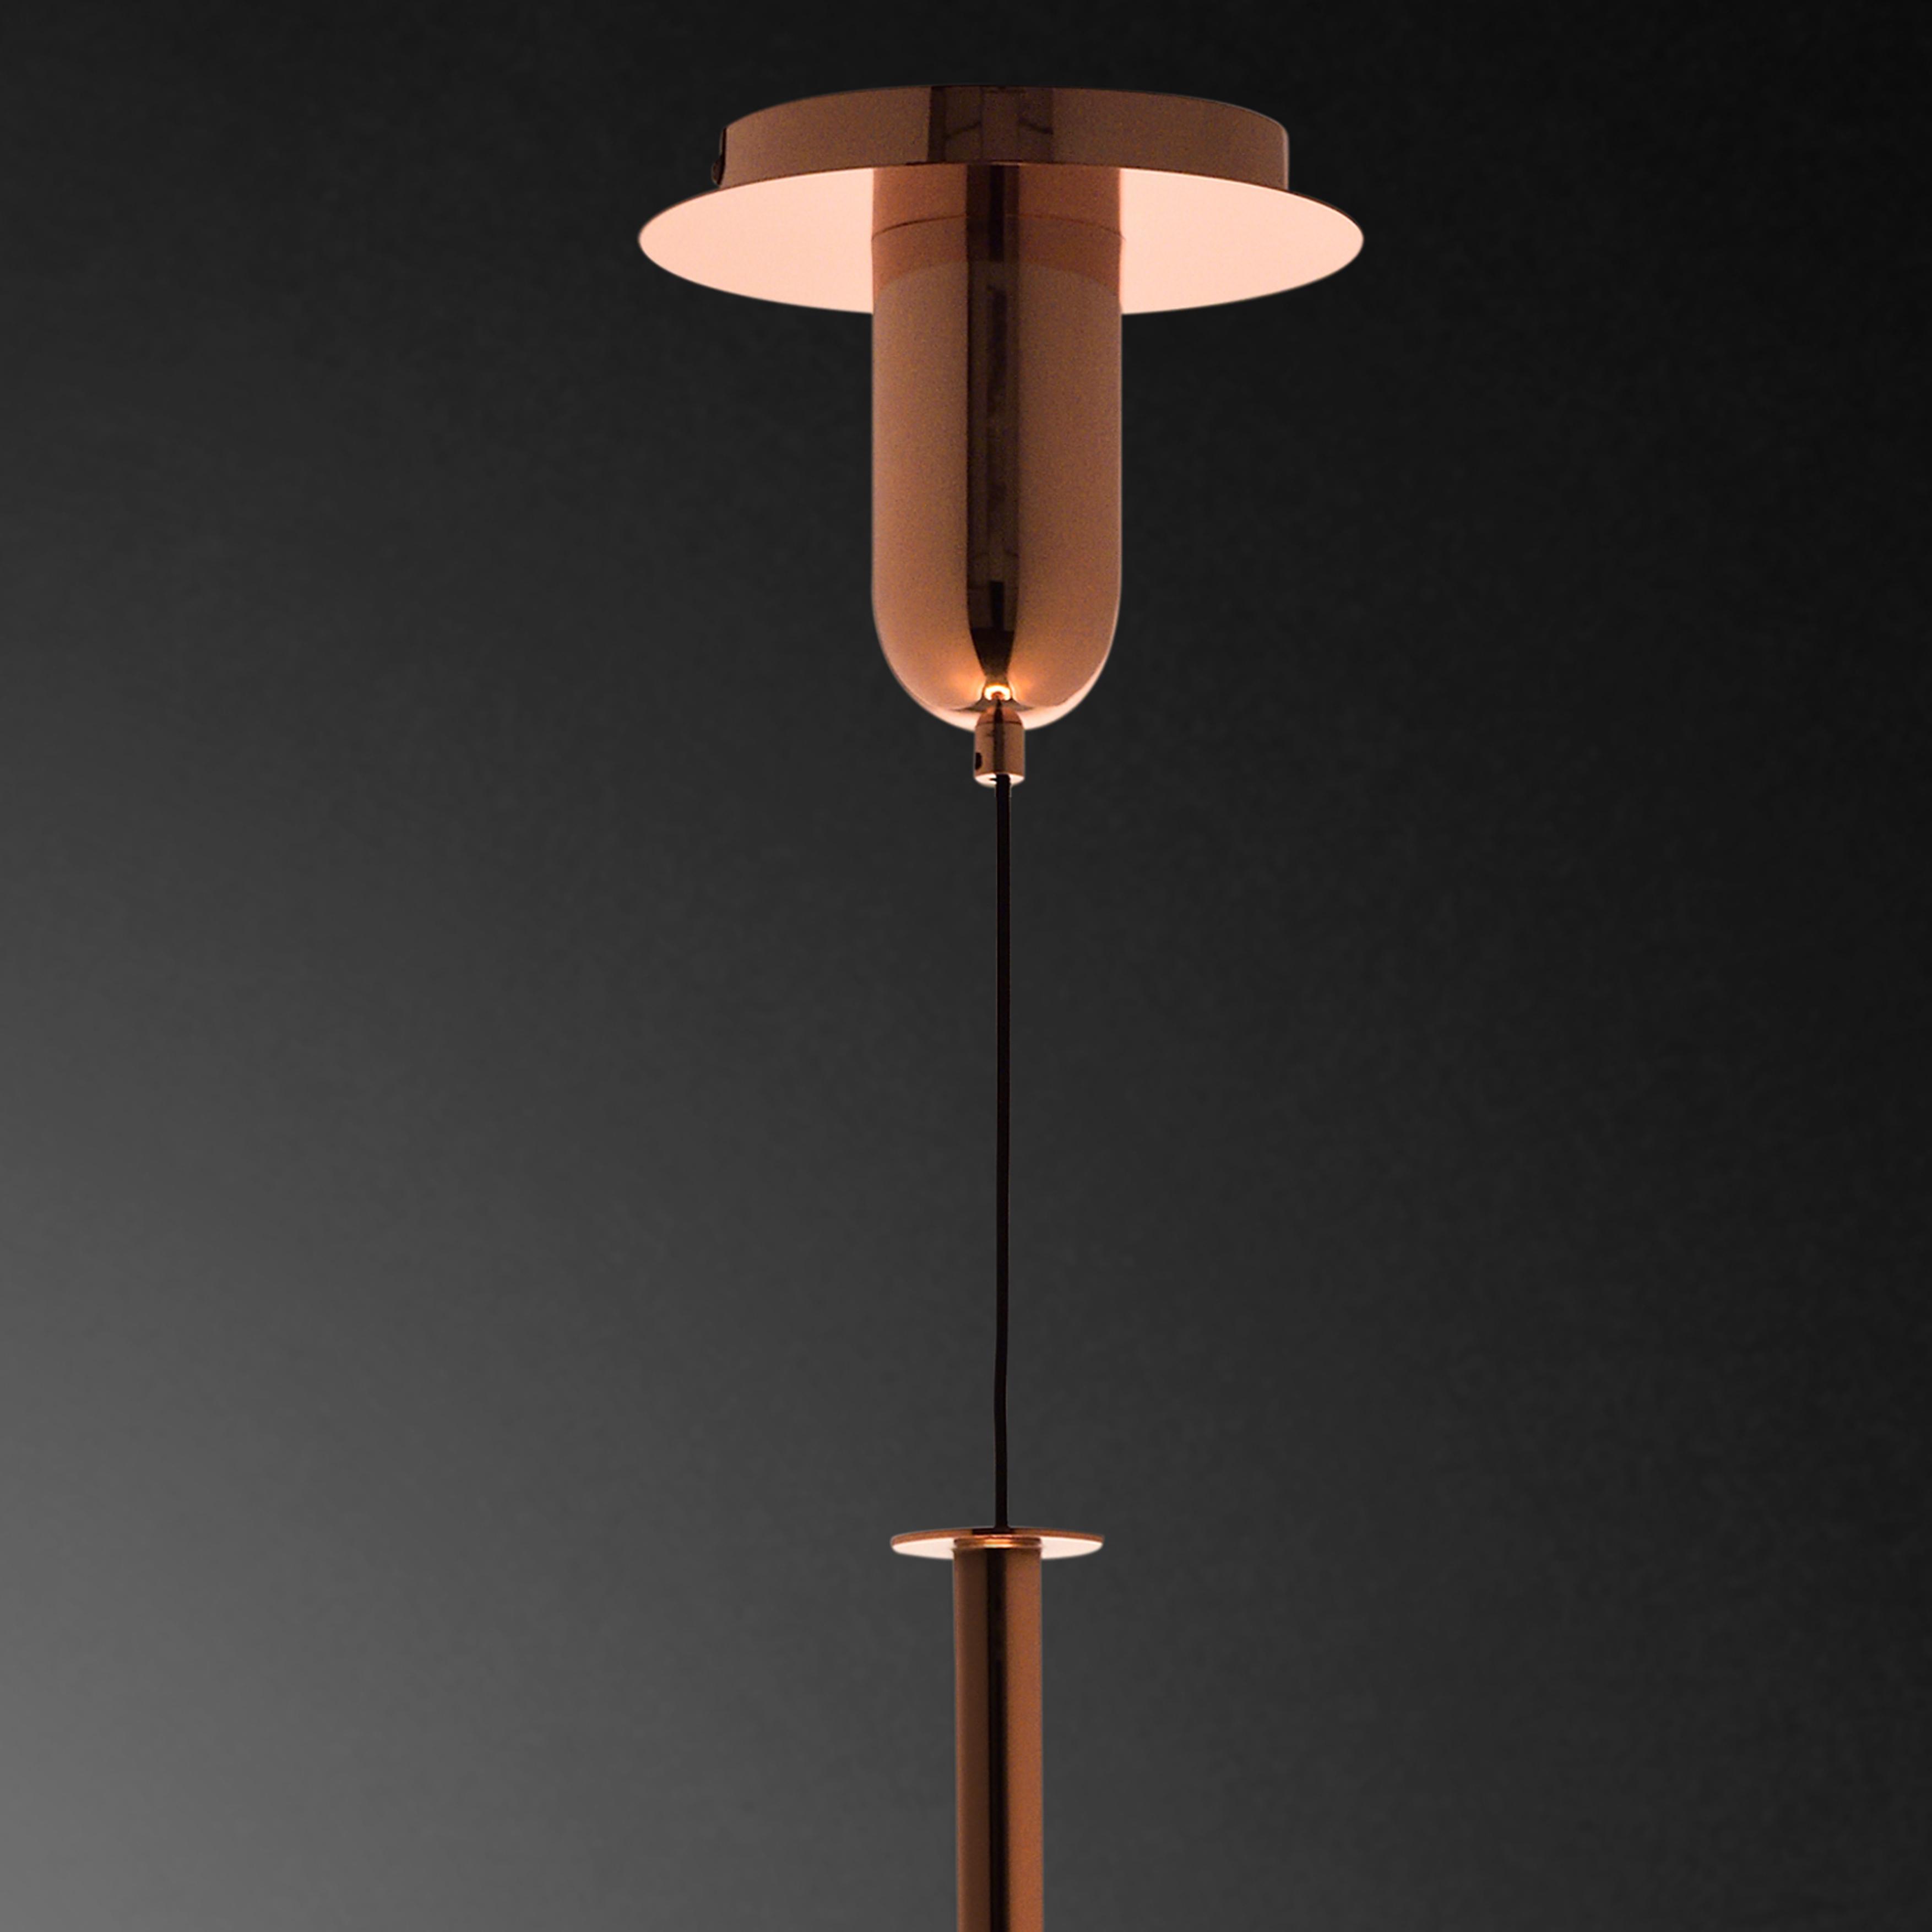 Подвесной светильник Mantra Sonata 6695, 1xE27x40W, медь, металл, стекло - фото 6